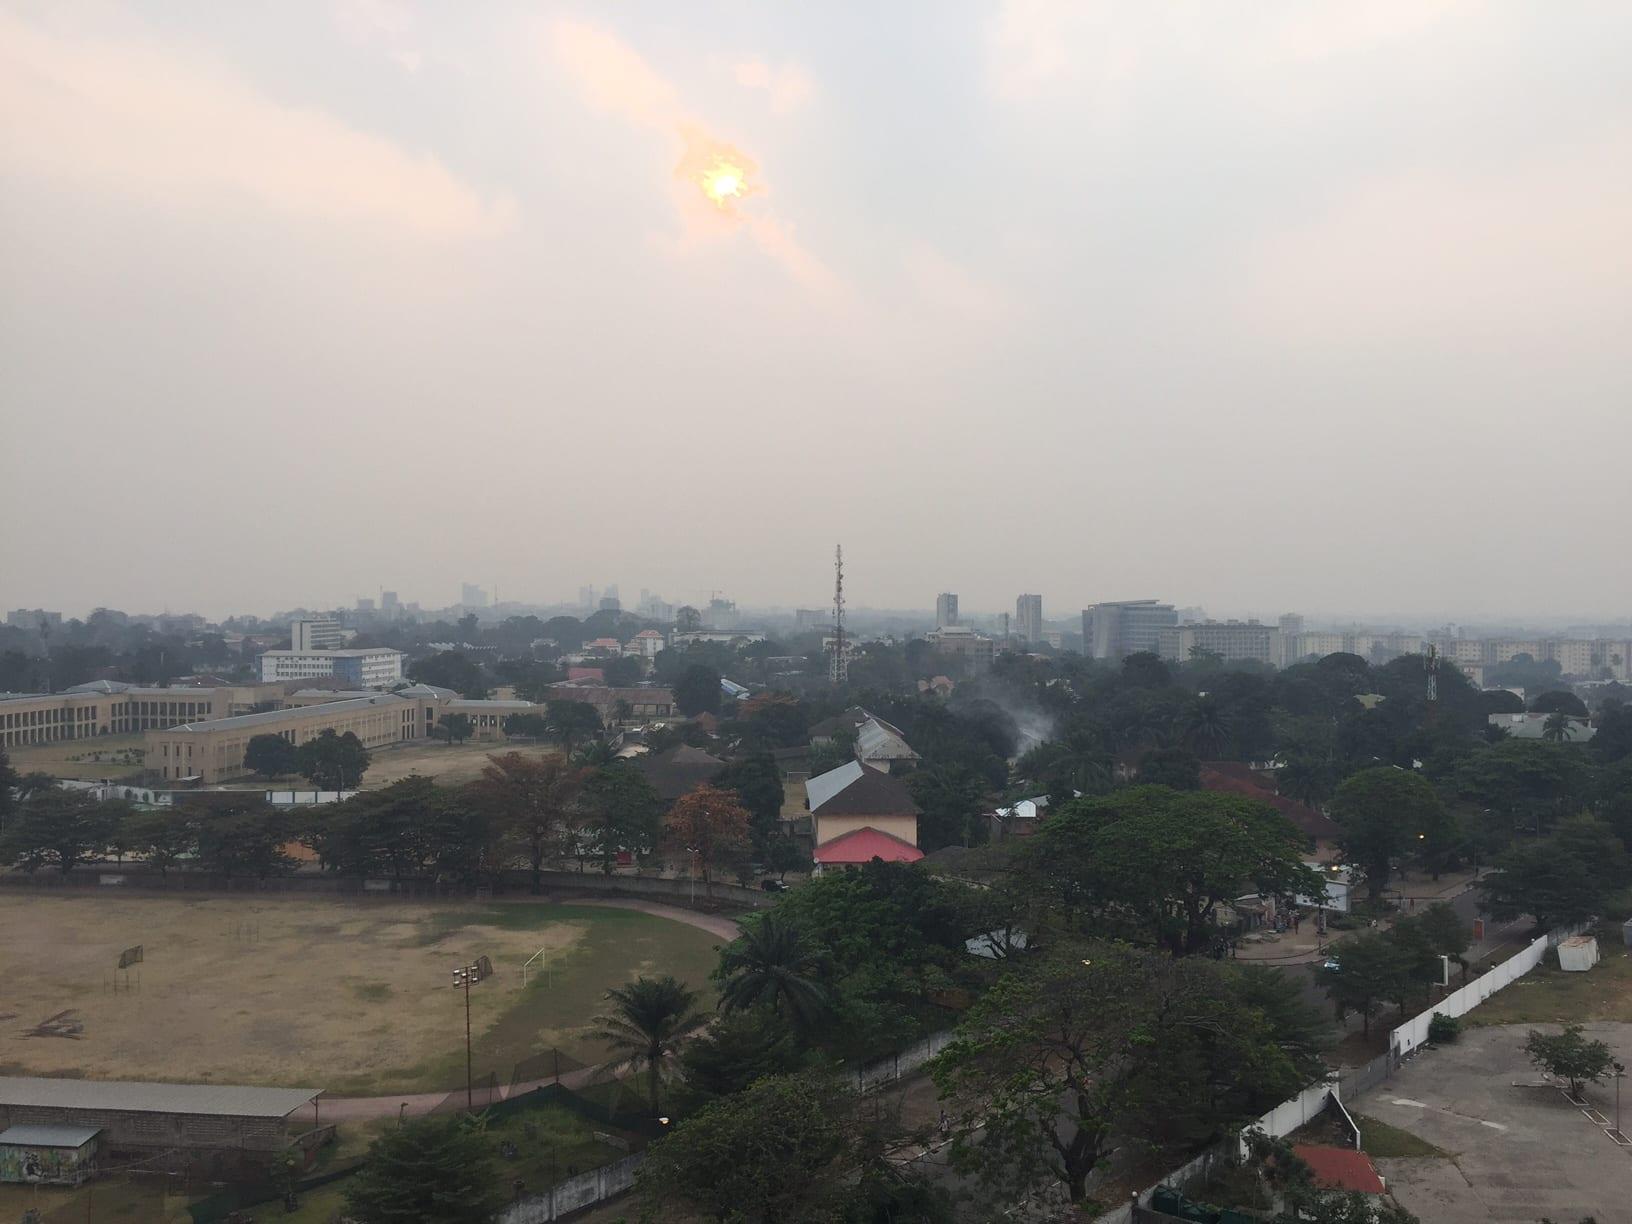 Morning in Kinshasa, Democratic Republic of Congo